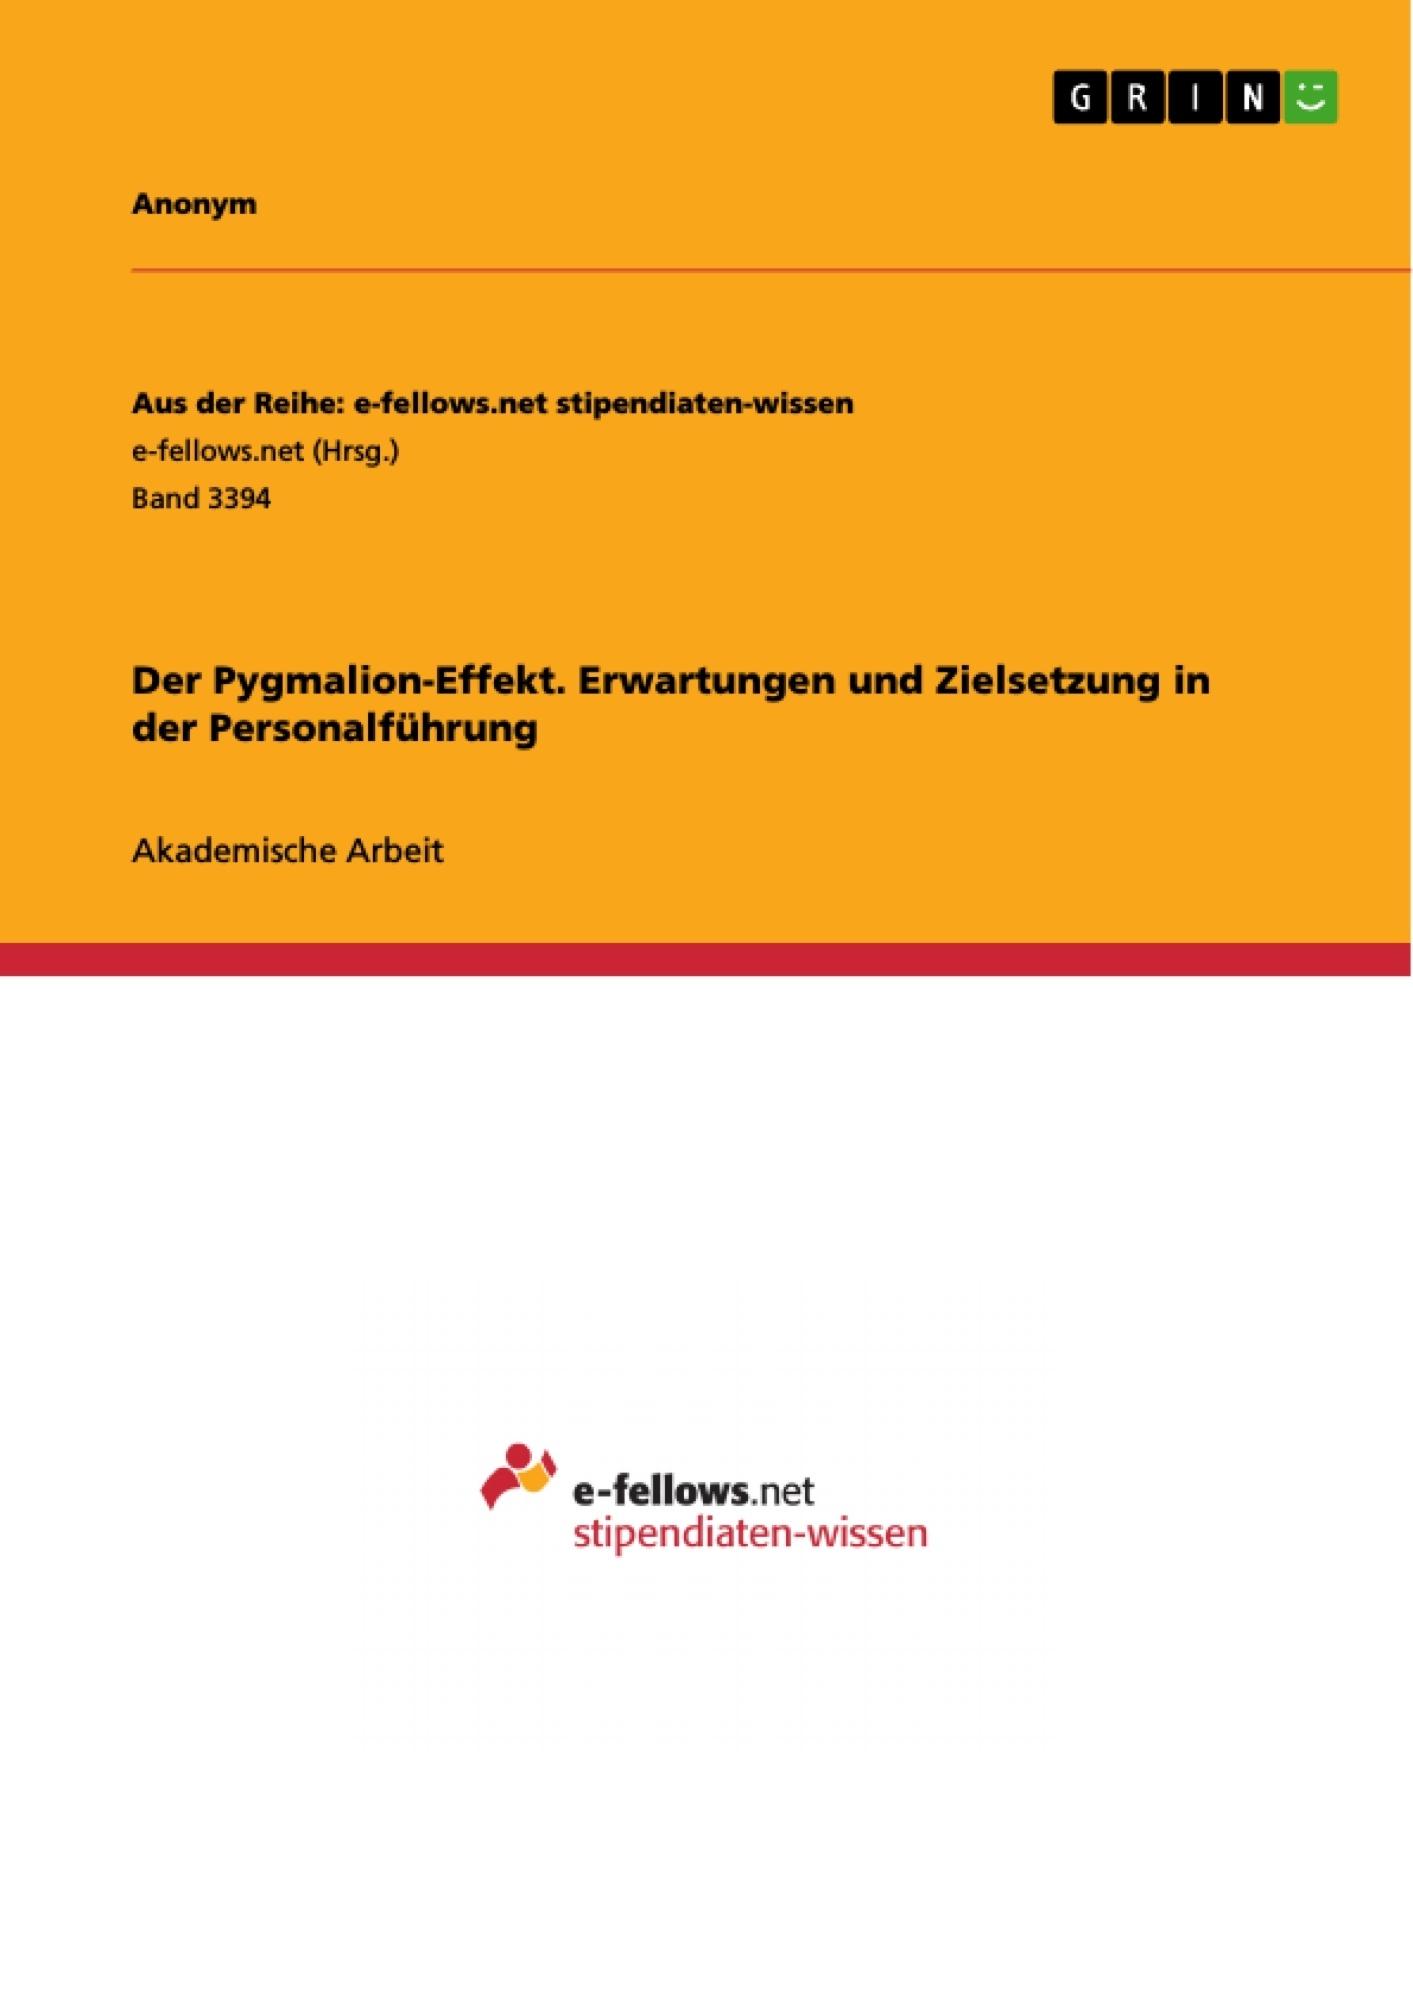 Titel: Der Pygmalion-Effekt. Erwartungen und Zielsetzung in der Personalführung